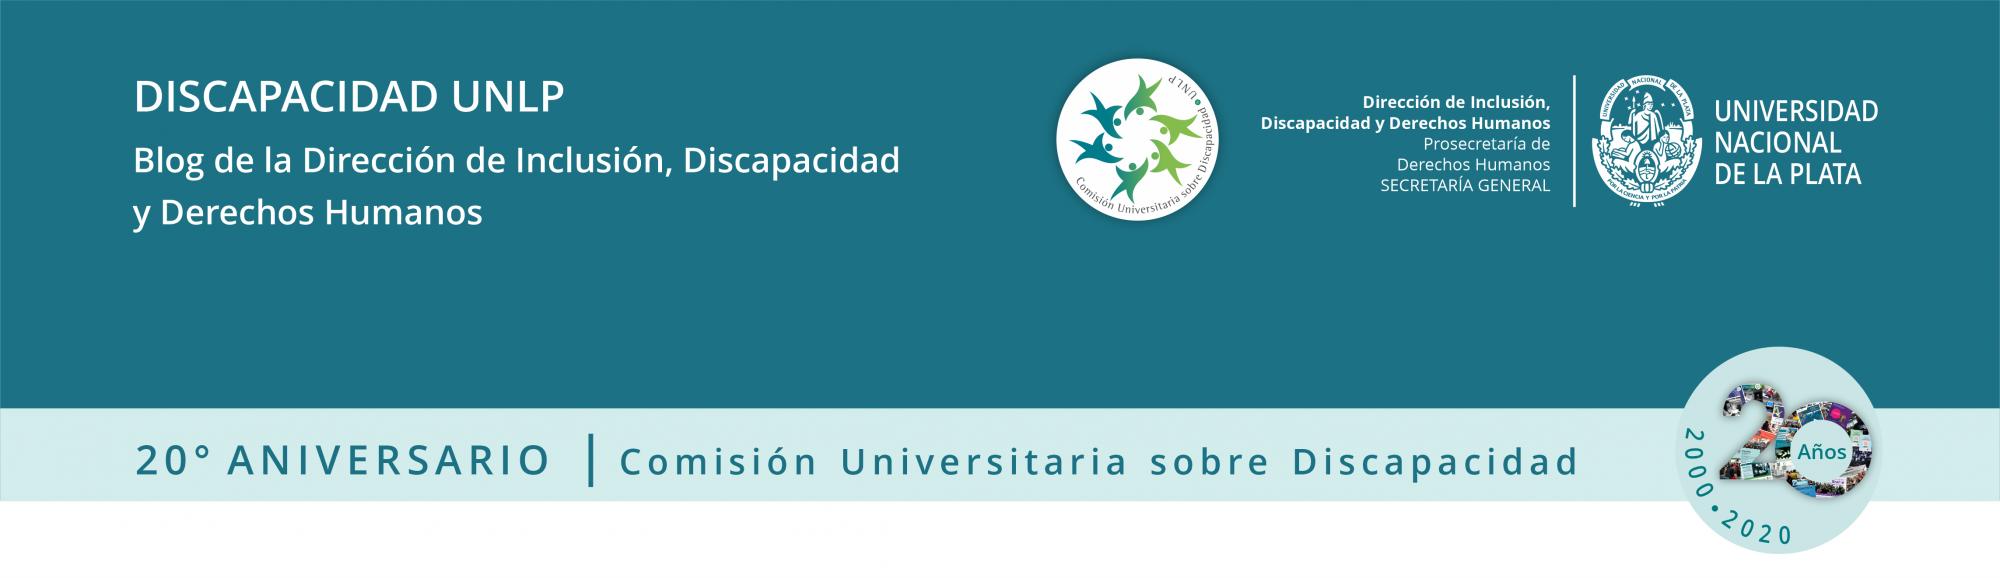 Dirección de Inclusión, Discapacidad y Derechos Humanos – UNLP